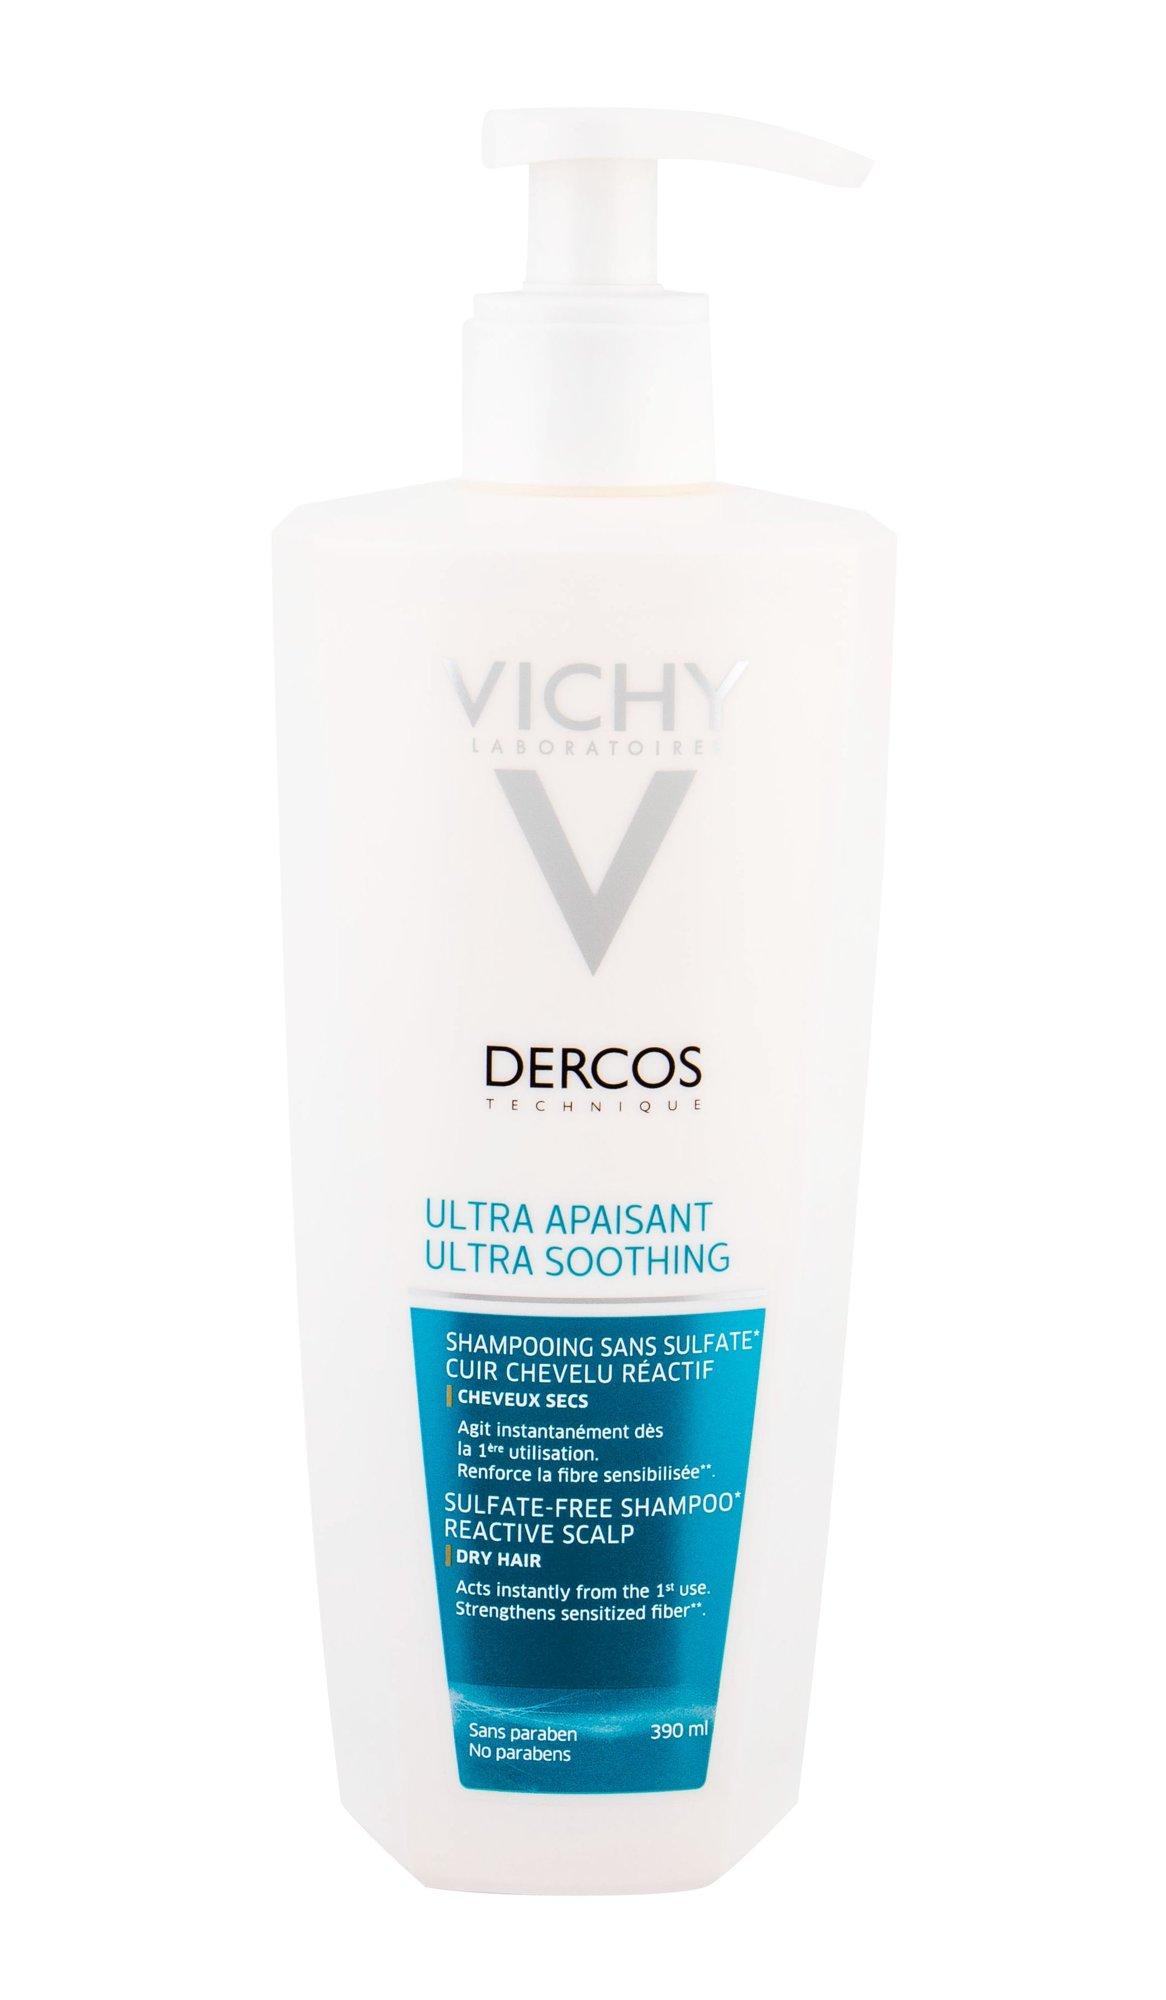 Vichy Dercos Shampoo 390ml